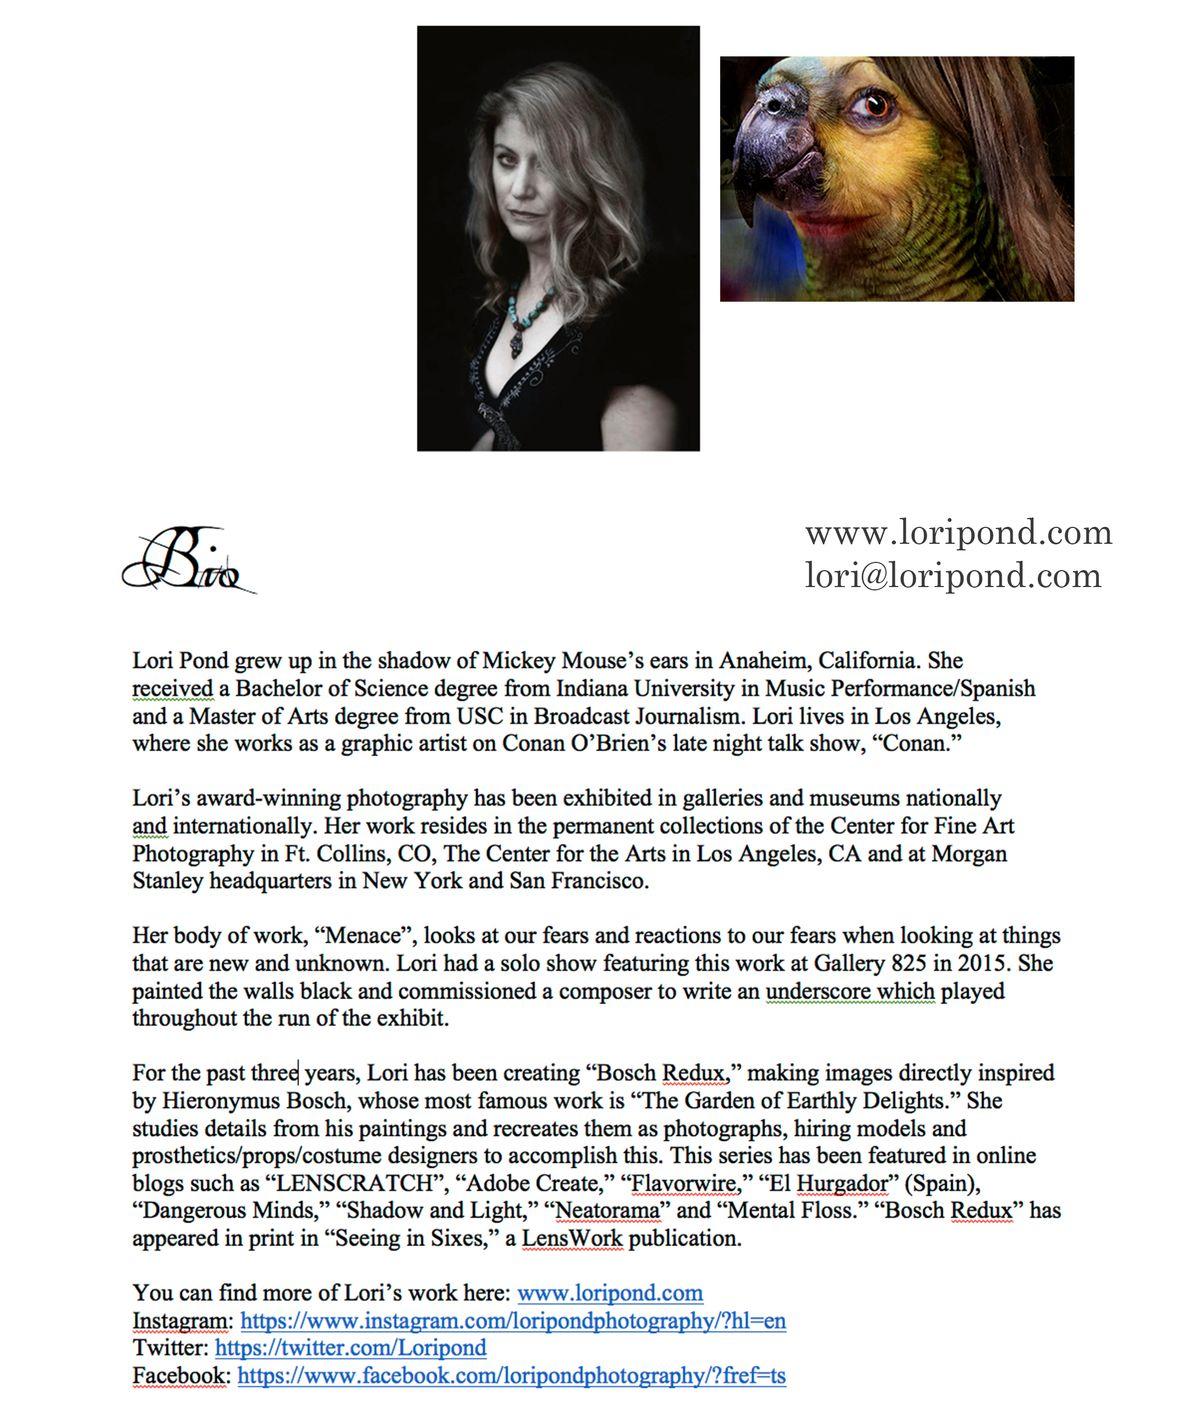 Lori Pond Biography